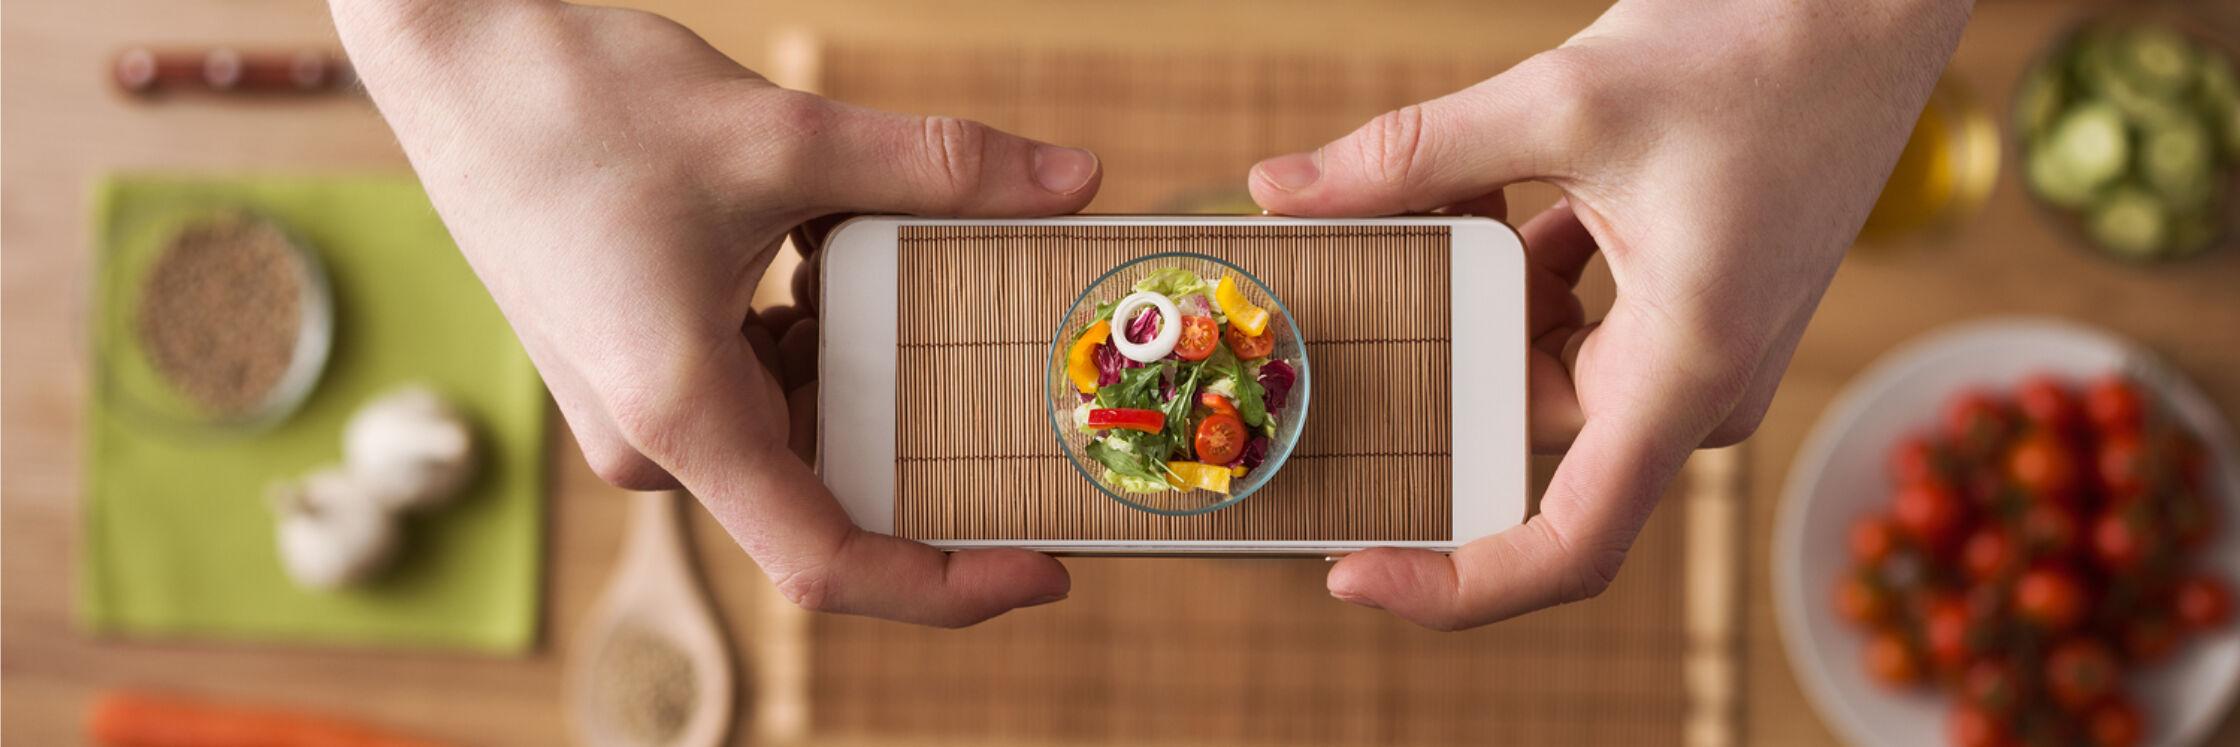 Een calorieënteller of voedingsapp bijhouden: Zinvol of Zinloos?